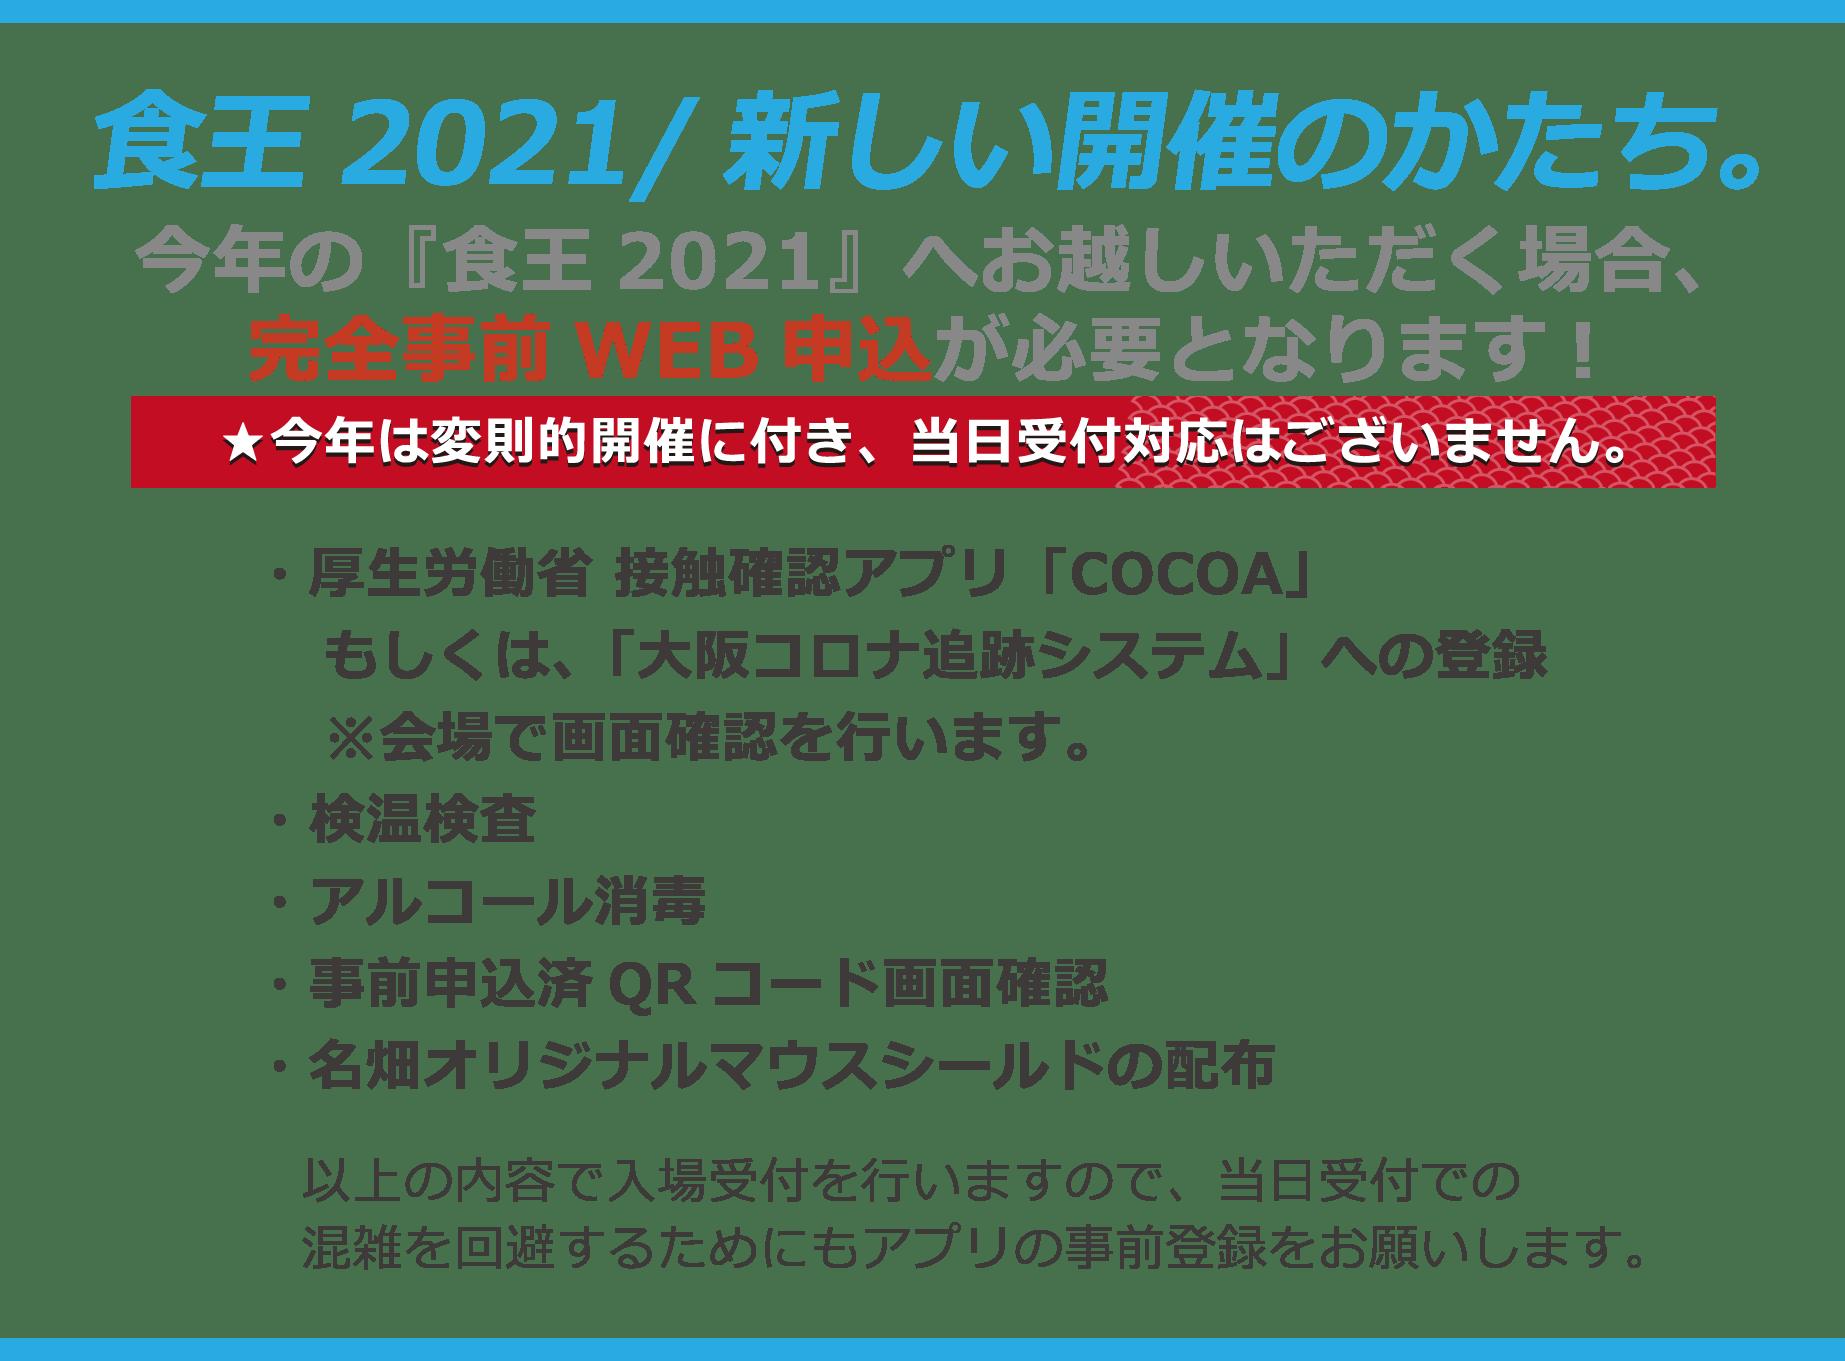 食王2021/新しい開催のかたち。今年の『食王2021』へお越しいただく場合、完全事前WEB申込が必要となります!